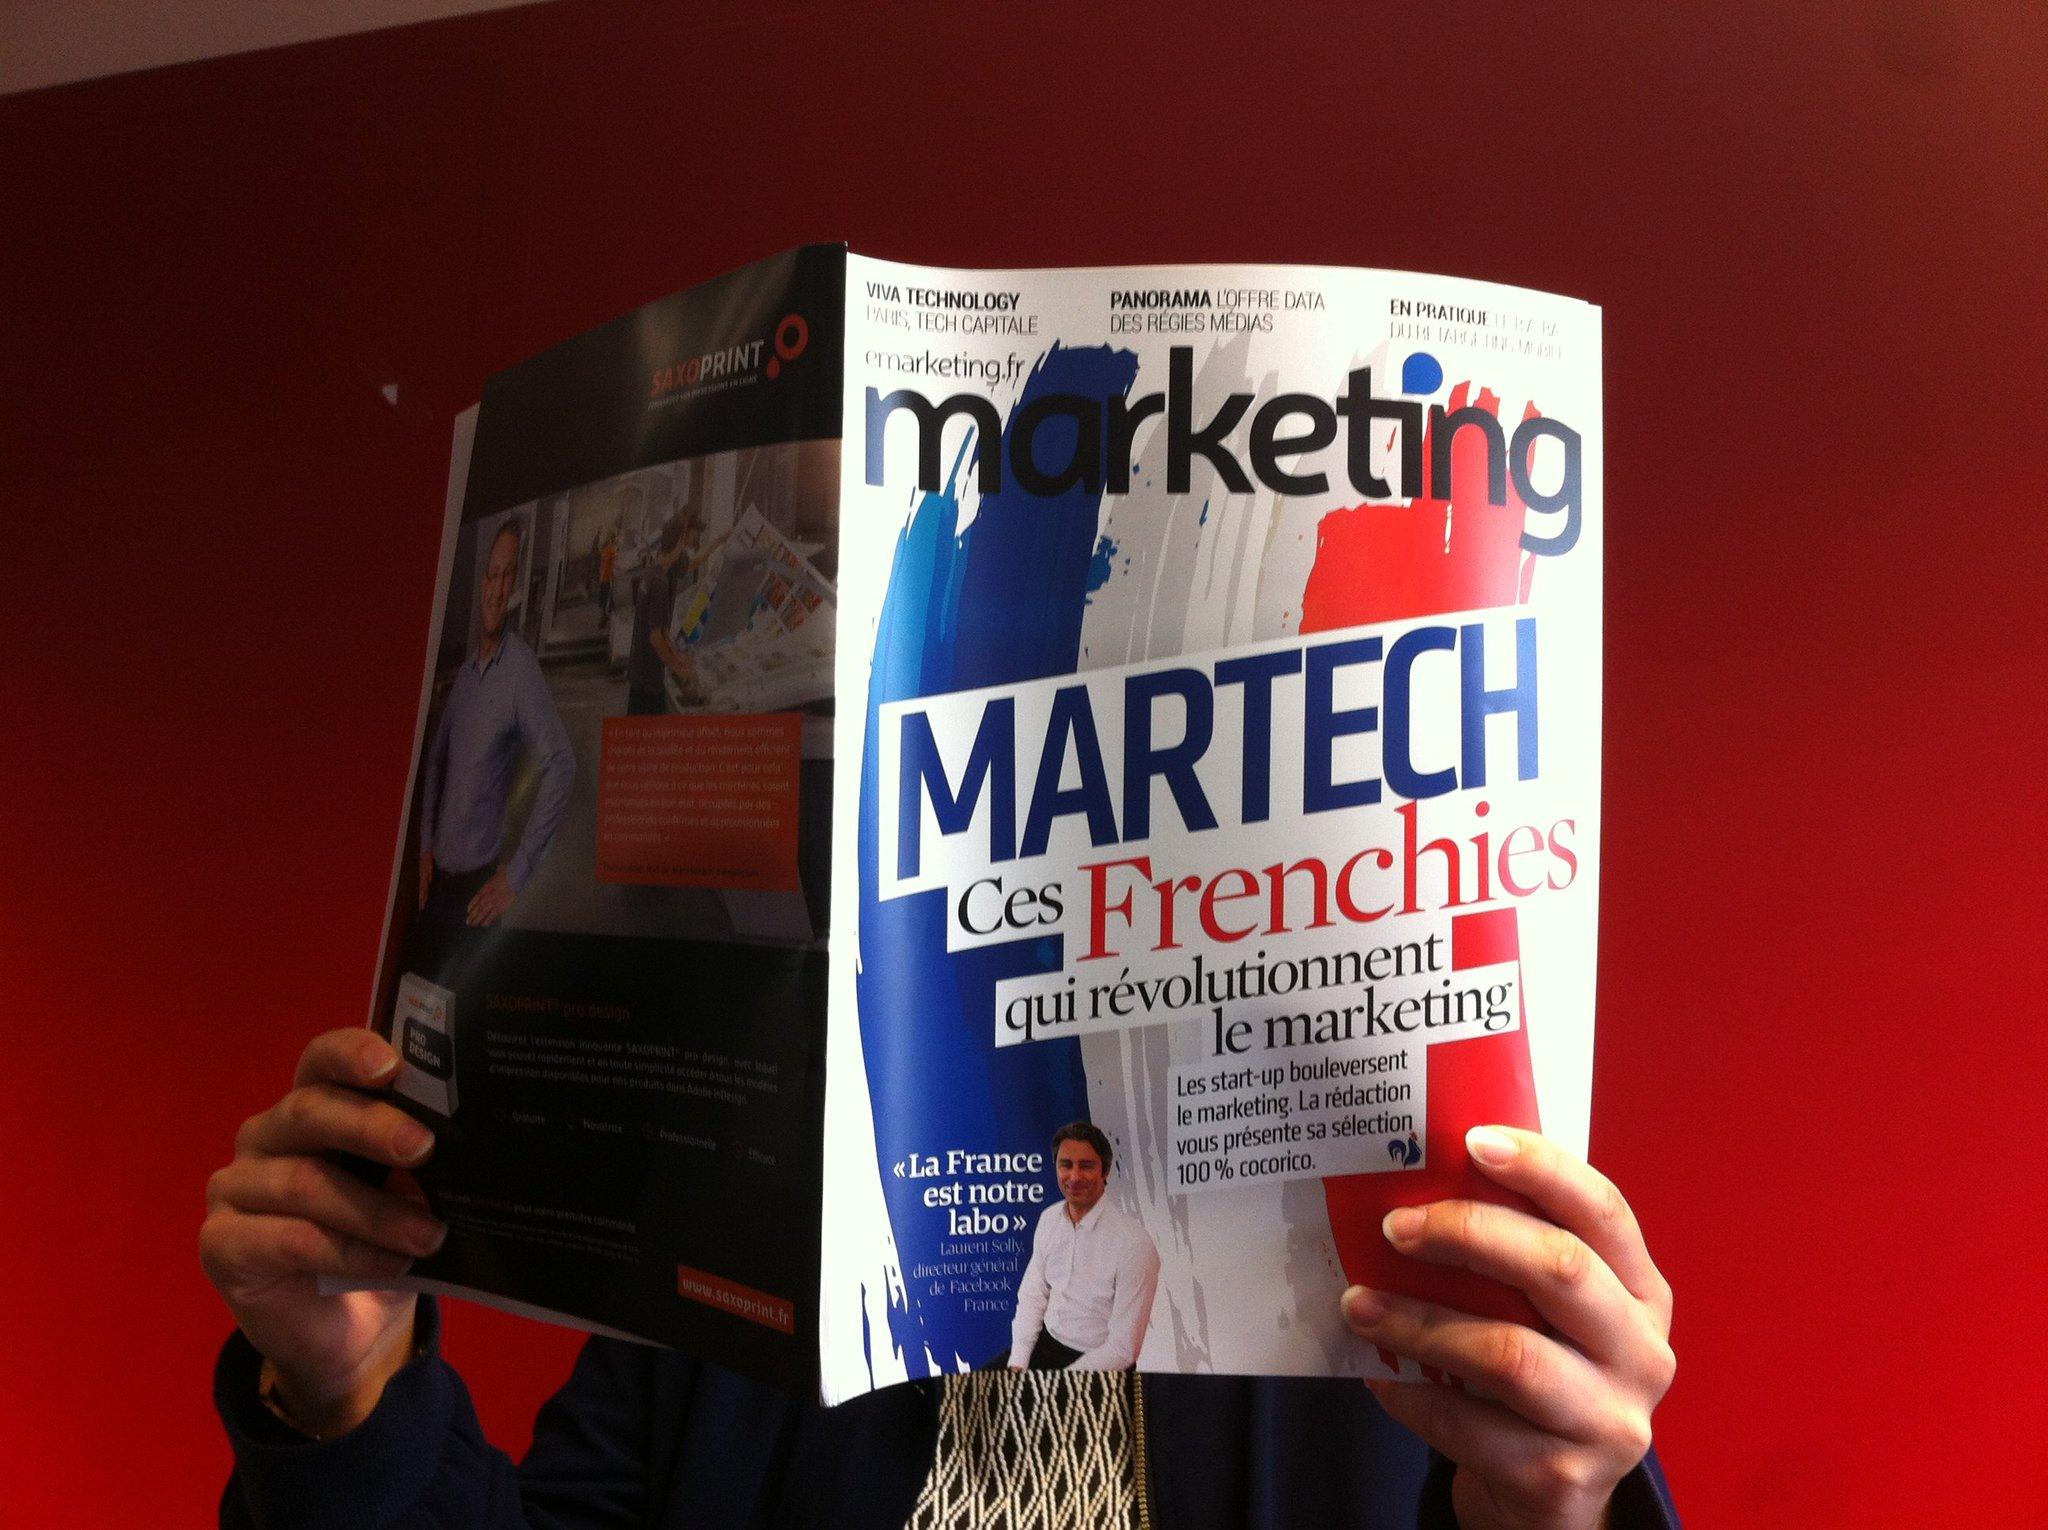 """Découvrez les 50 """"frenchies"""" qui révolutionnent le marketing dans le prochain numéro de Marketing #martech #cocorico https://t.co/ioVTii921c"""